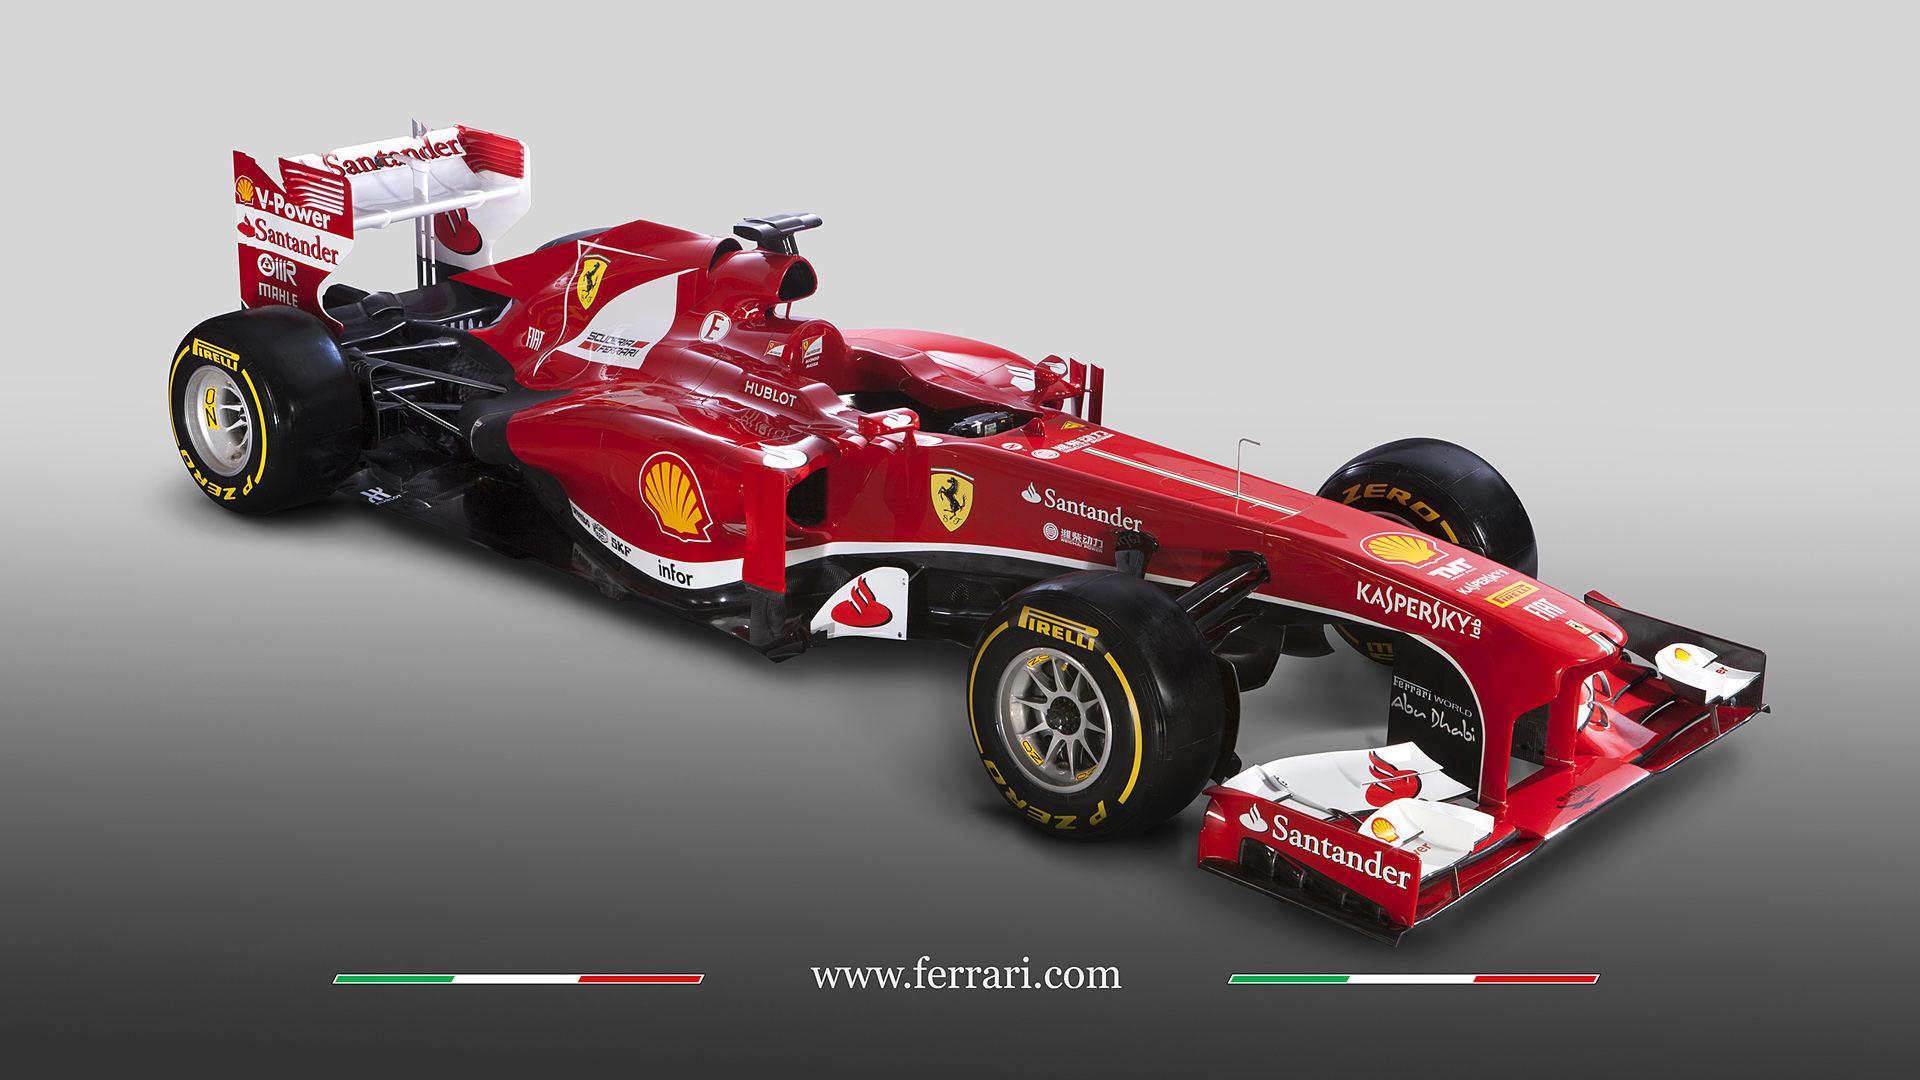 2013 Ferrari F138